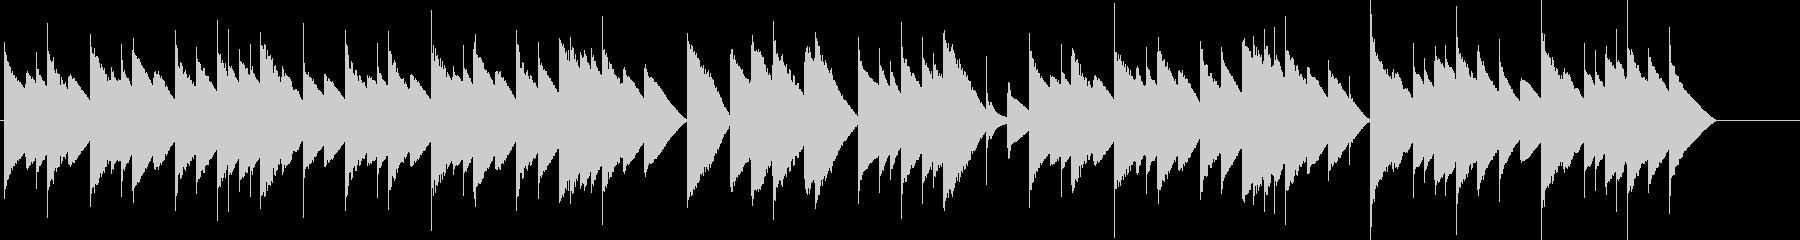 オルゴールで子守唄1(シューベルト) の未再生の波形